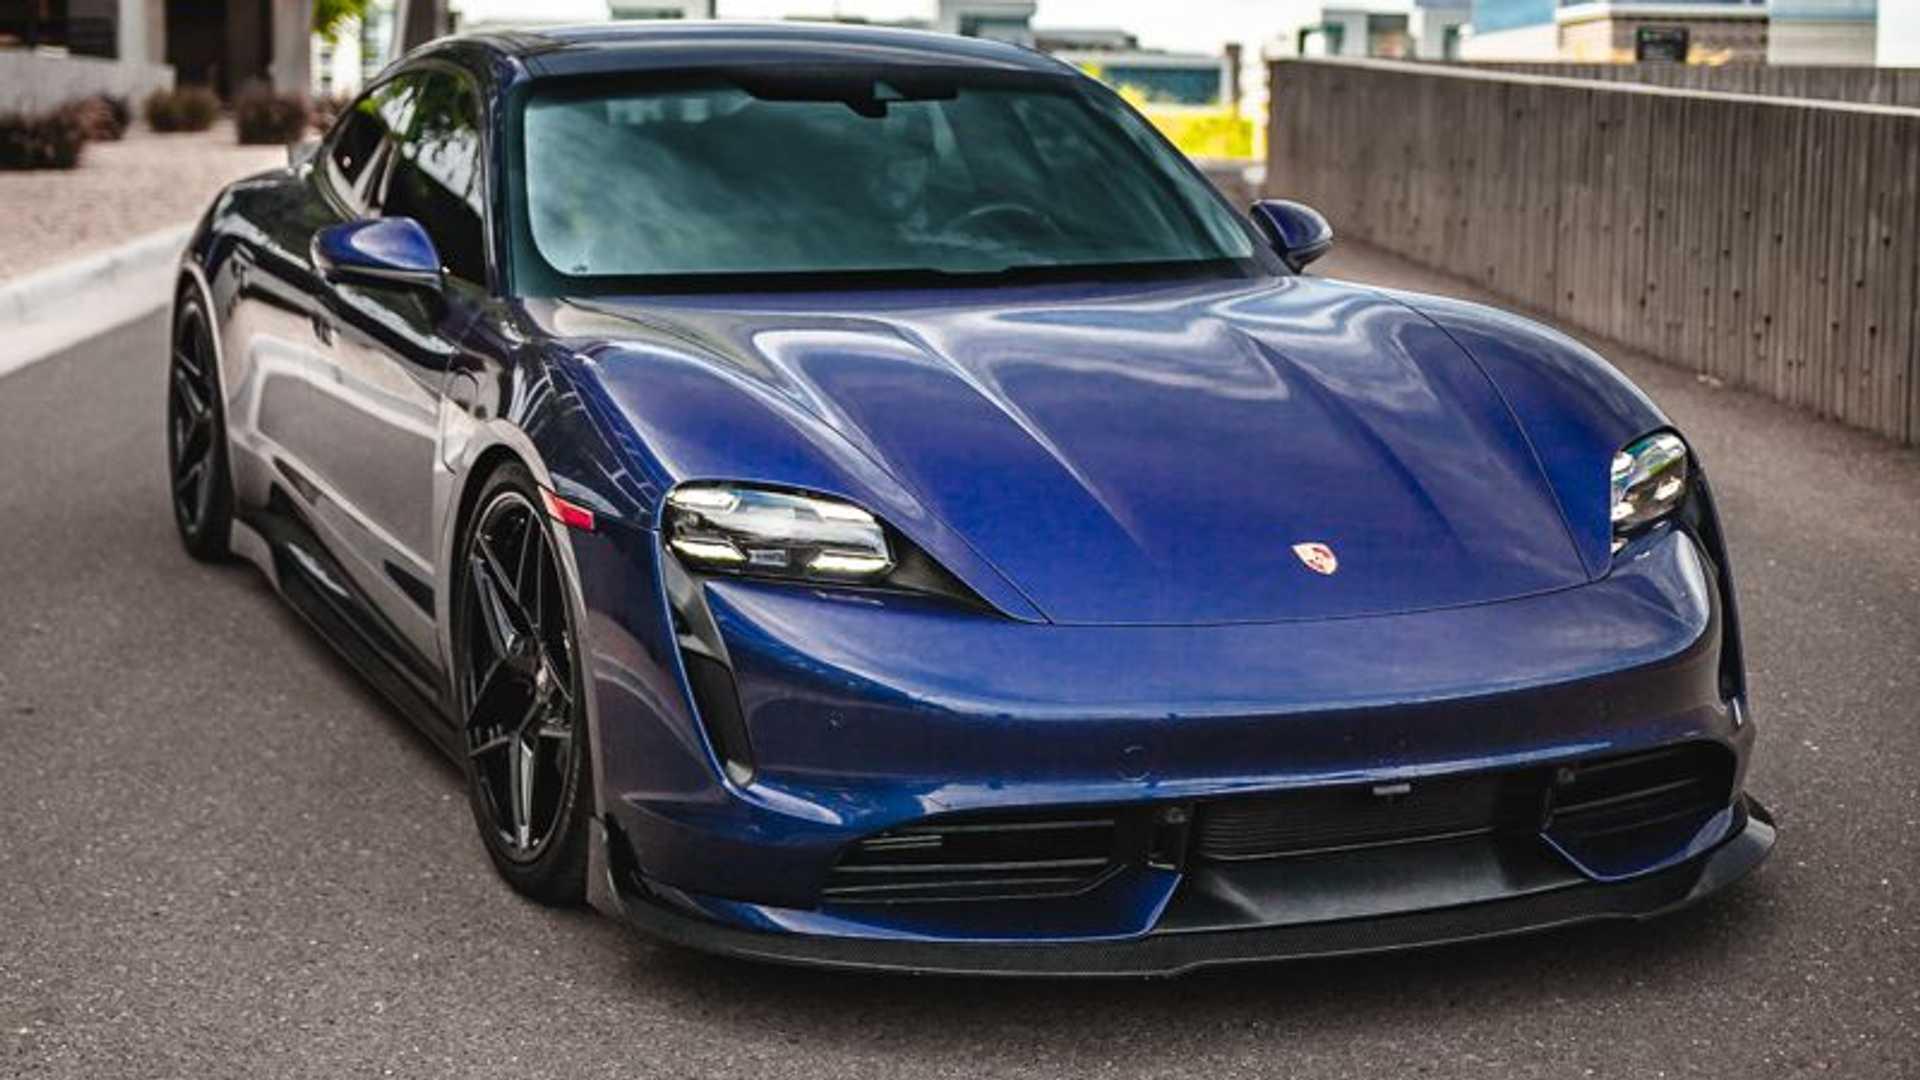 Porsche-Taycan-by-Vivid-Racing-1